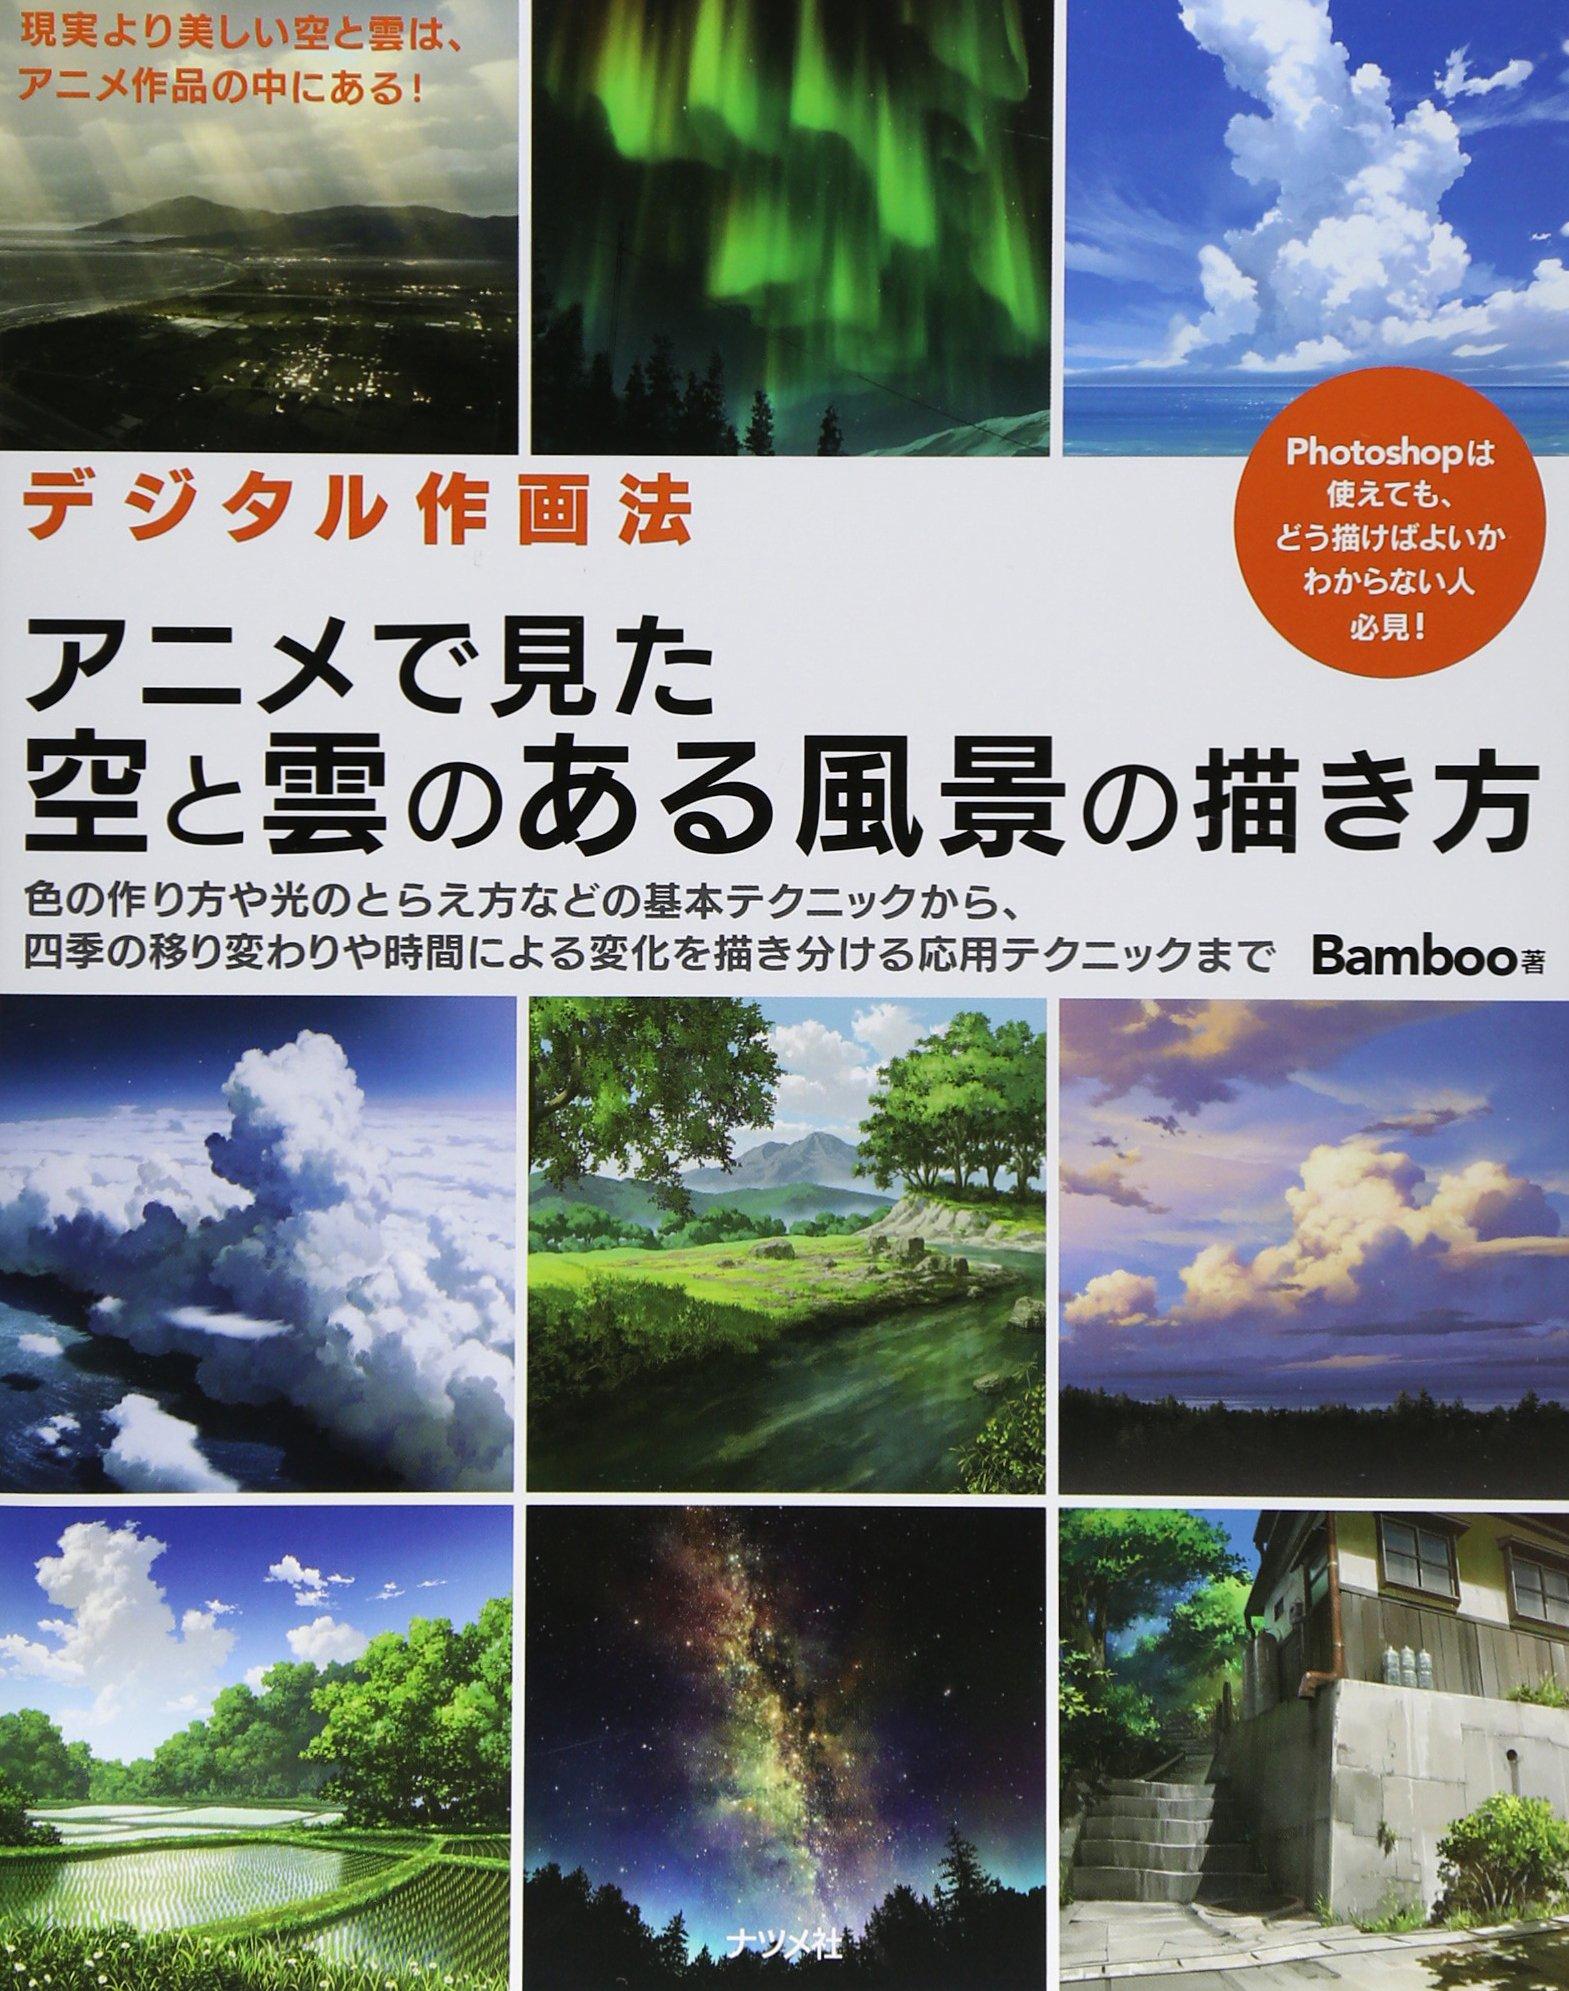 デジタル作画法 アニメで見た空と雲のある風景の描き方 Bamboo 本